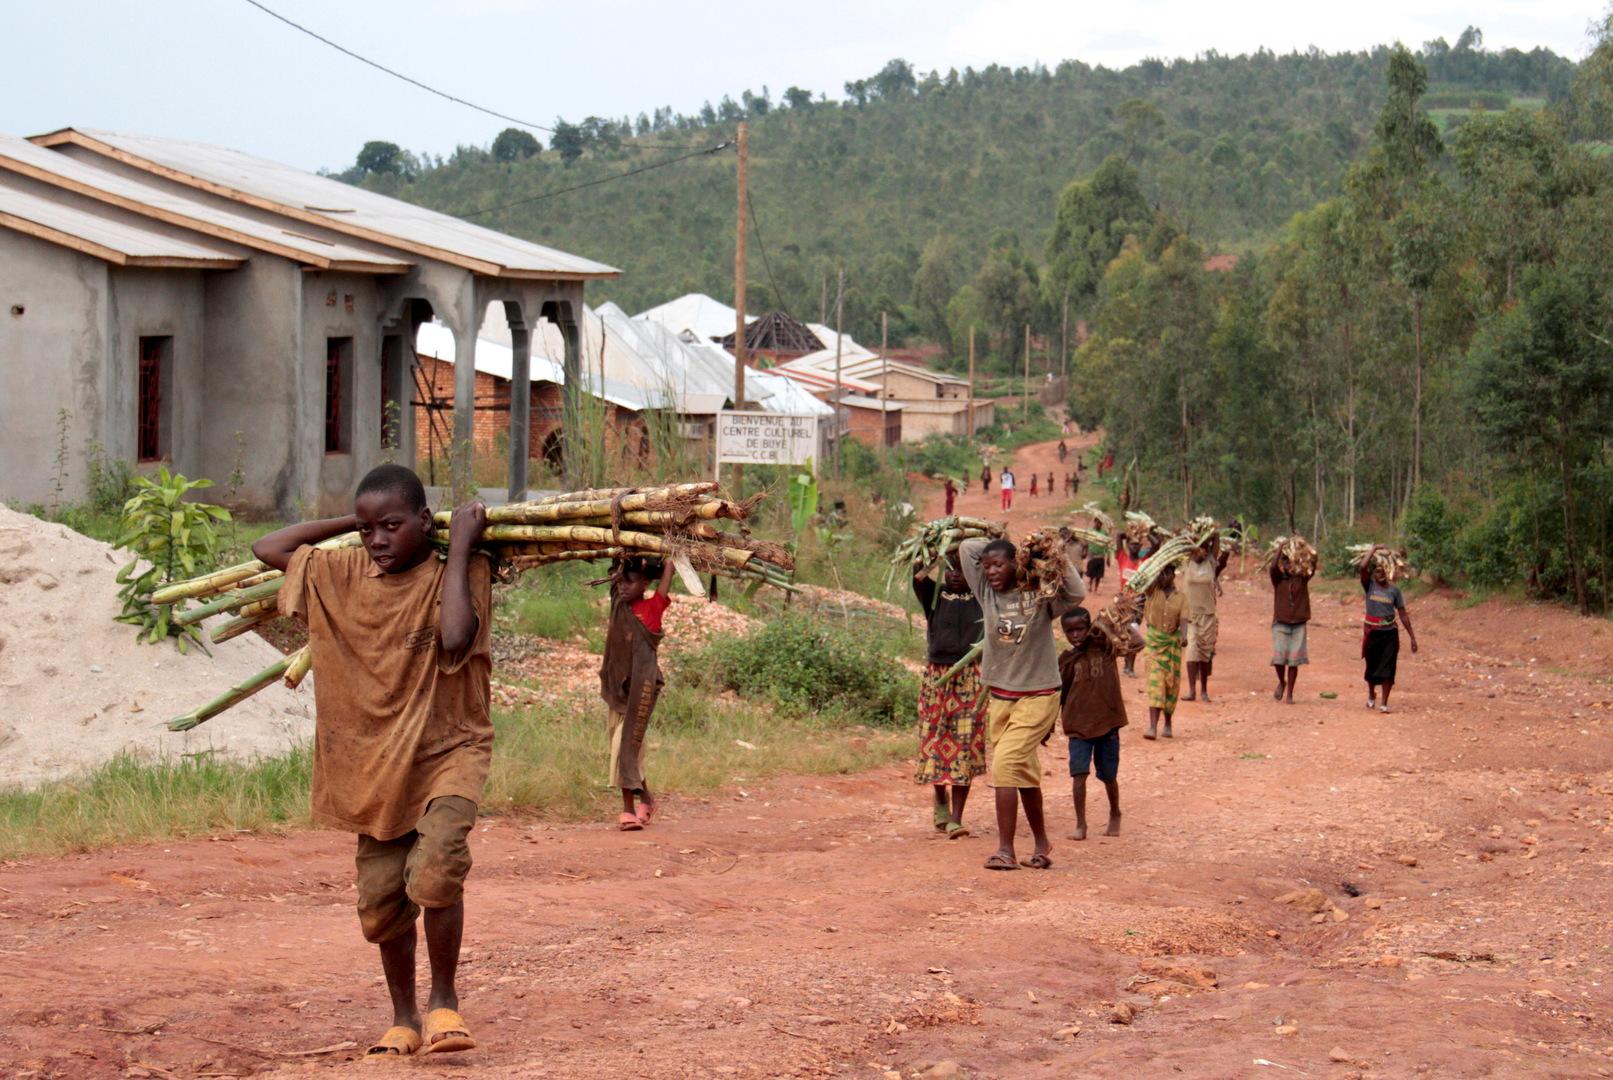 دعوة لمساعدة الدول الأشد فقرا